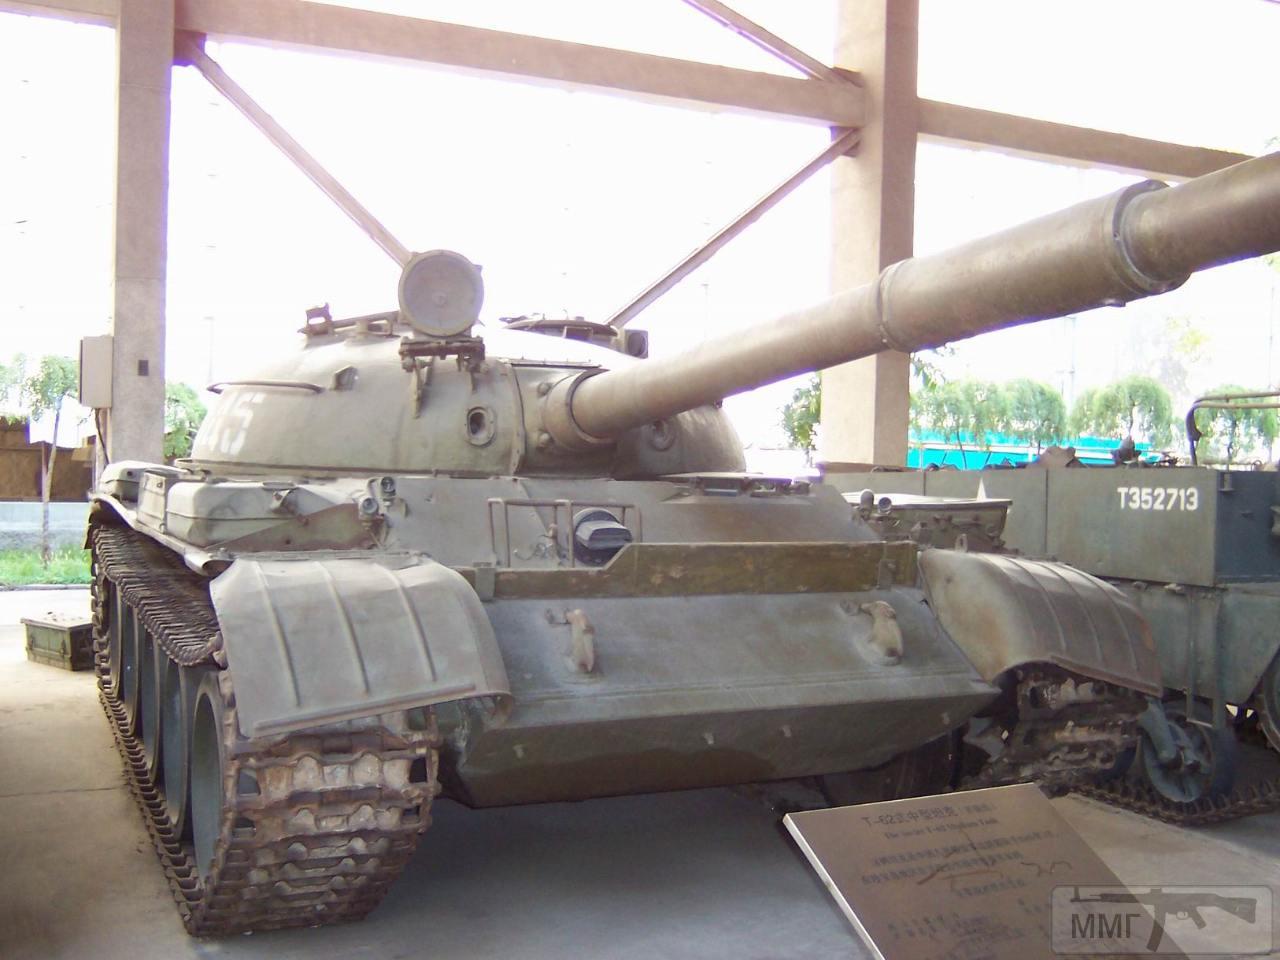 14045 - Военный конфликт СССР и Китая - Остров Даманский 1969 год